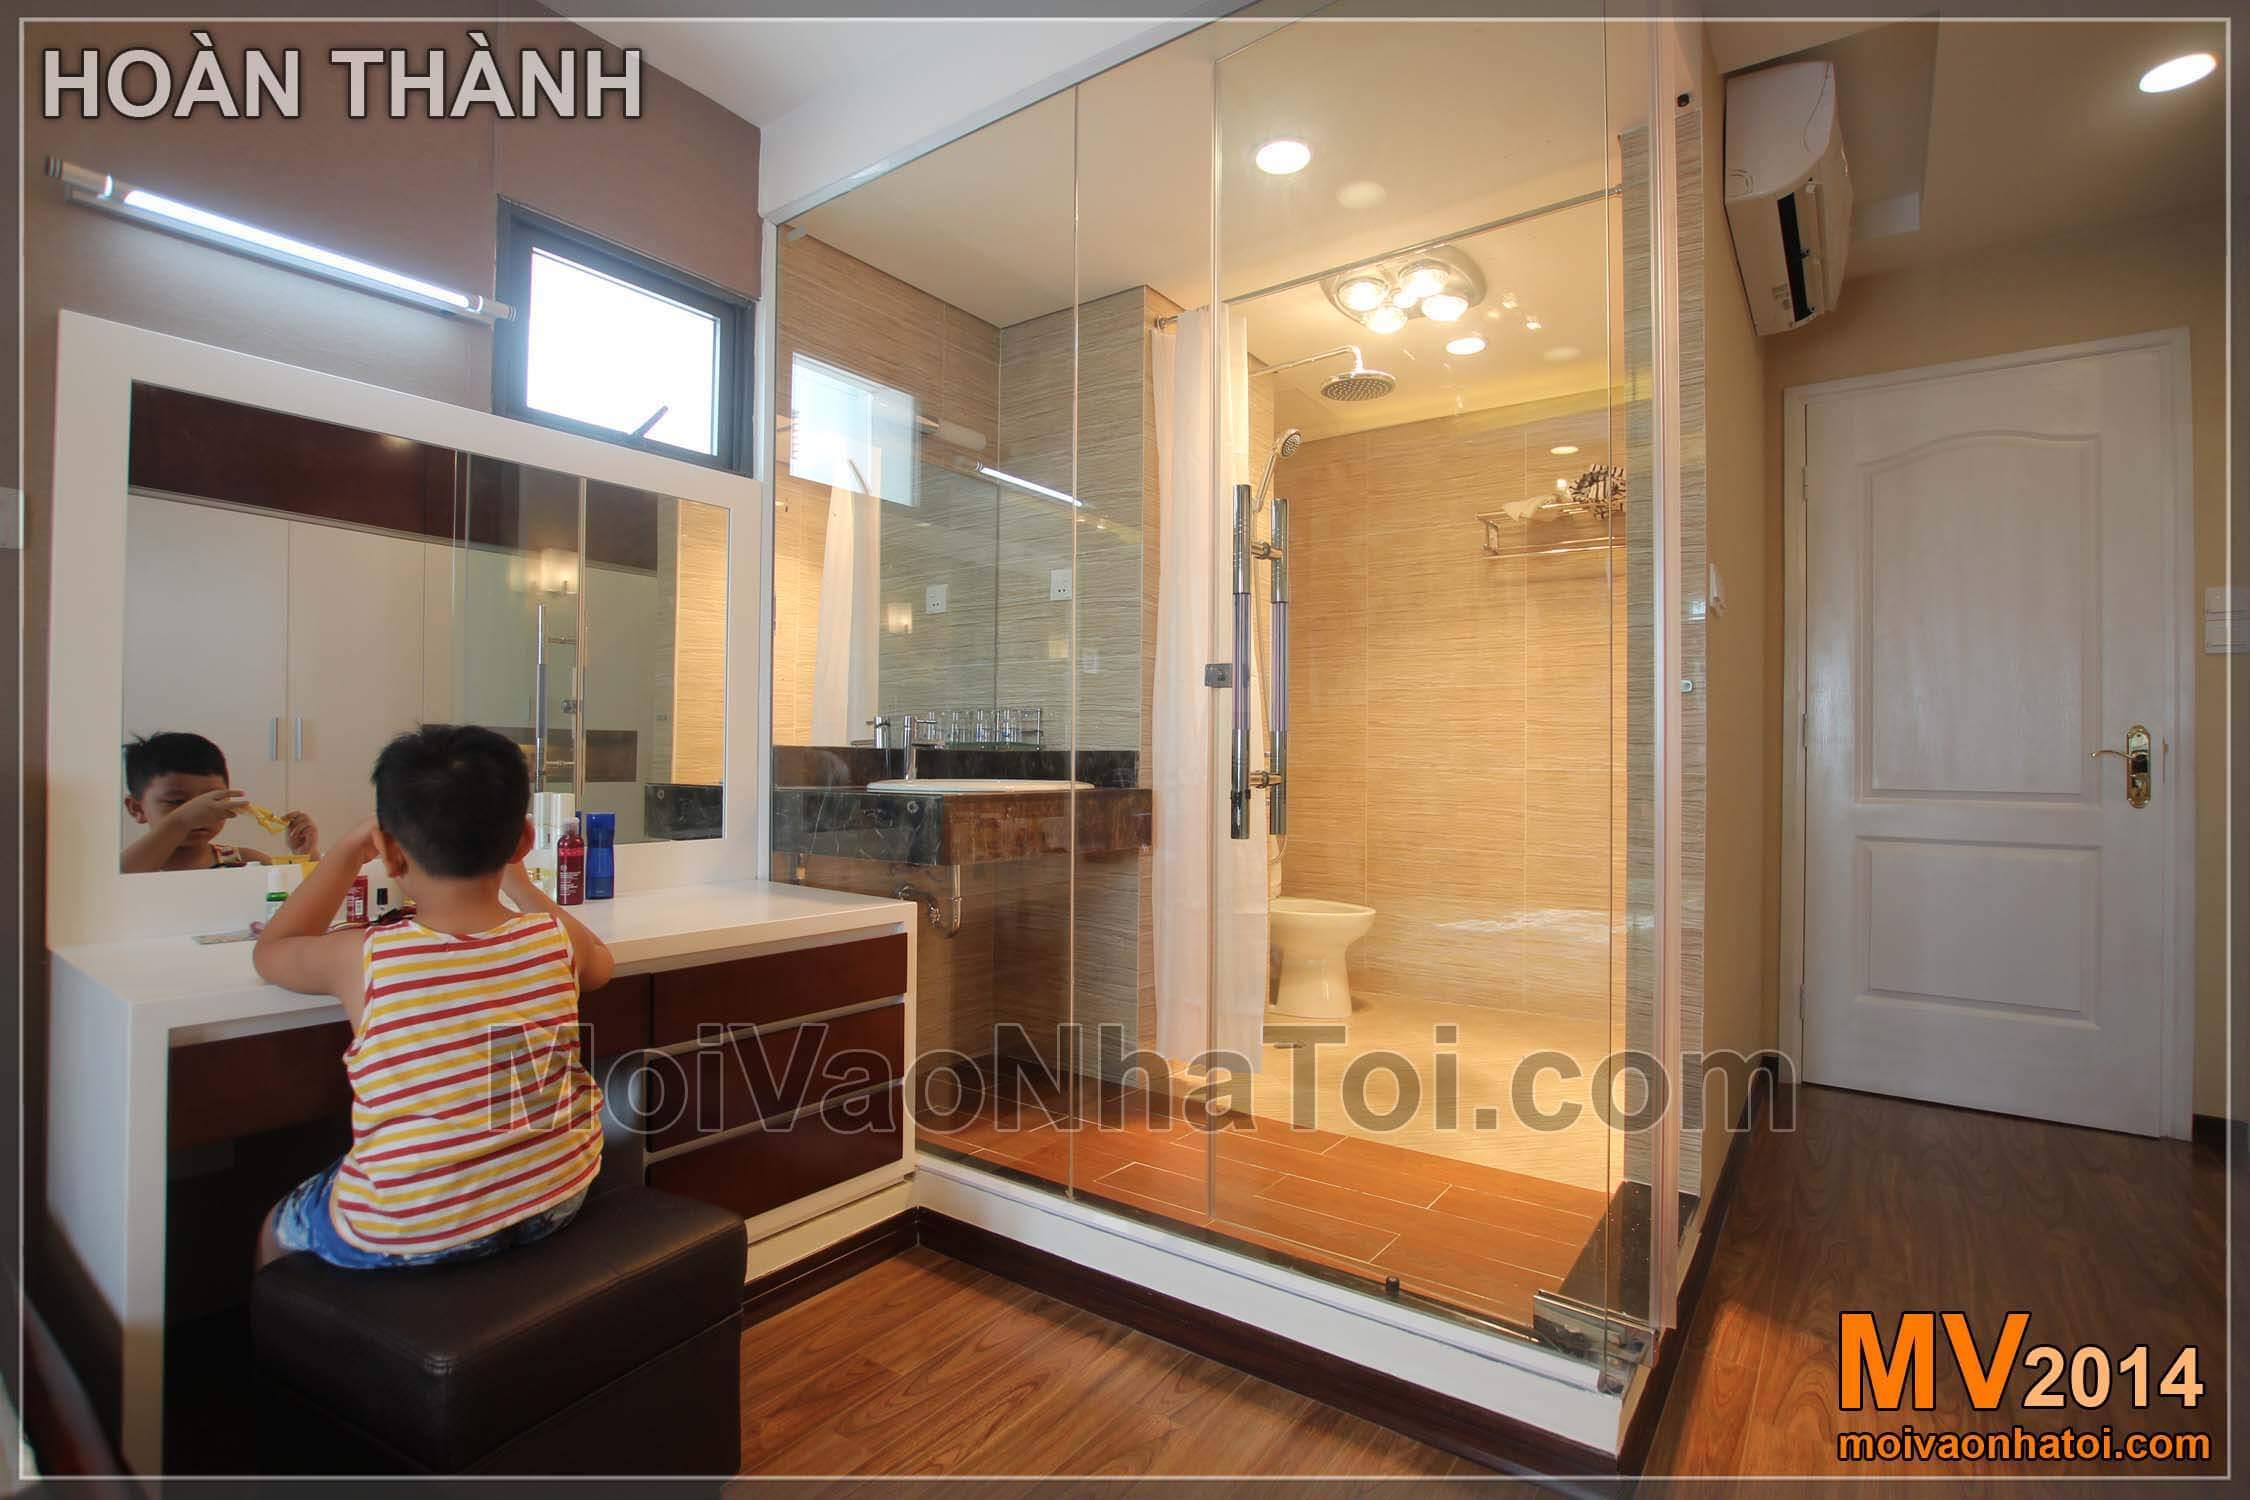 Phòng vệ sinh với tường kính trong phòng ngủ master